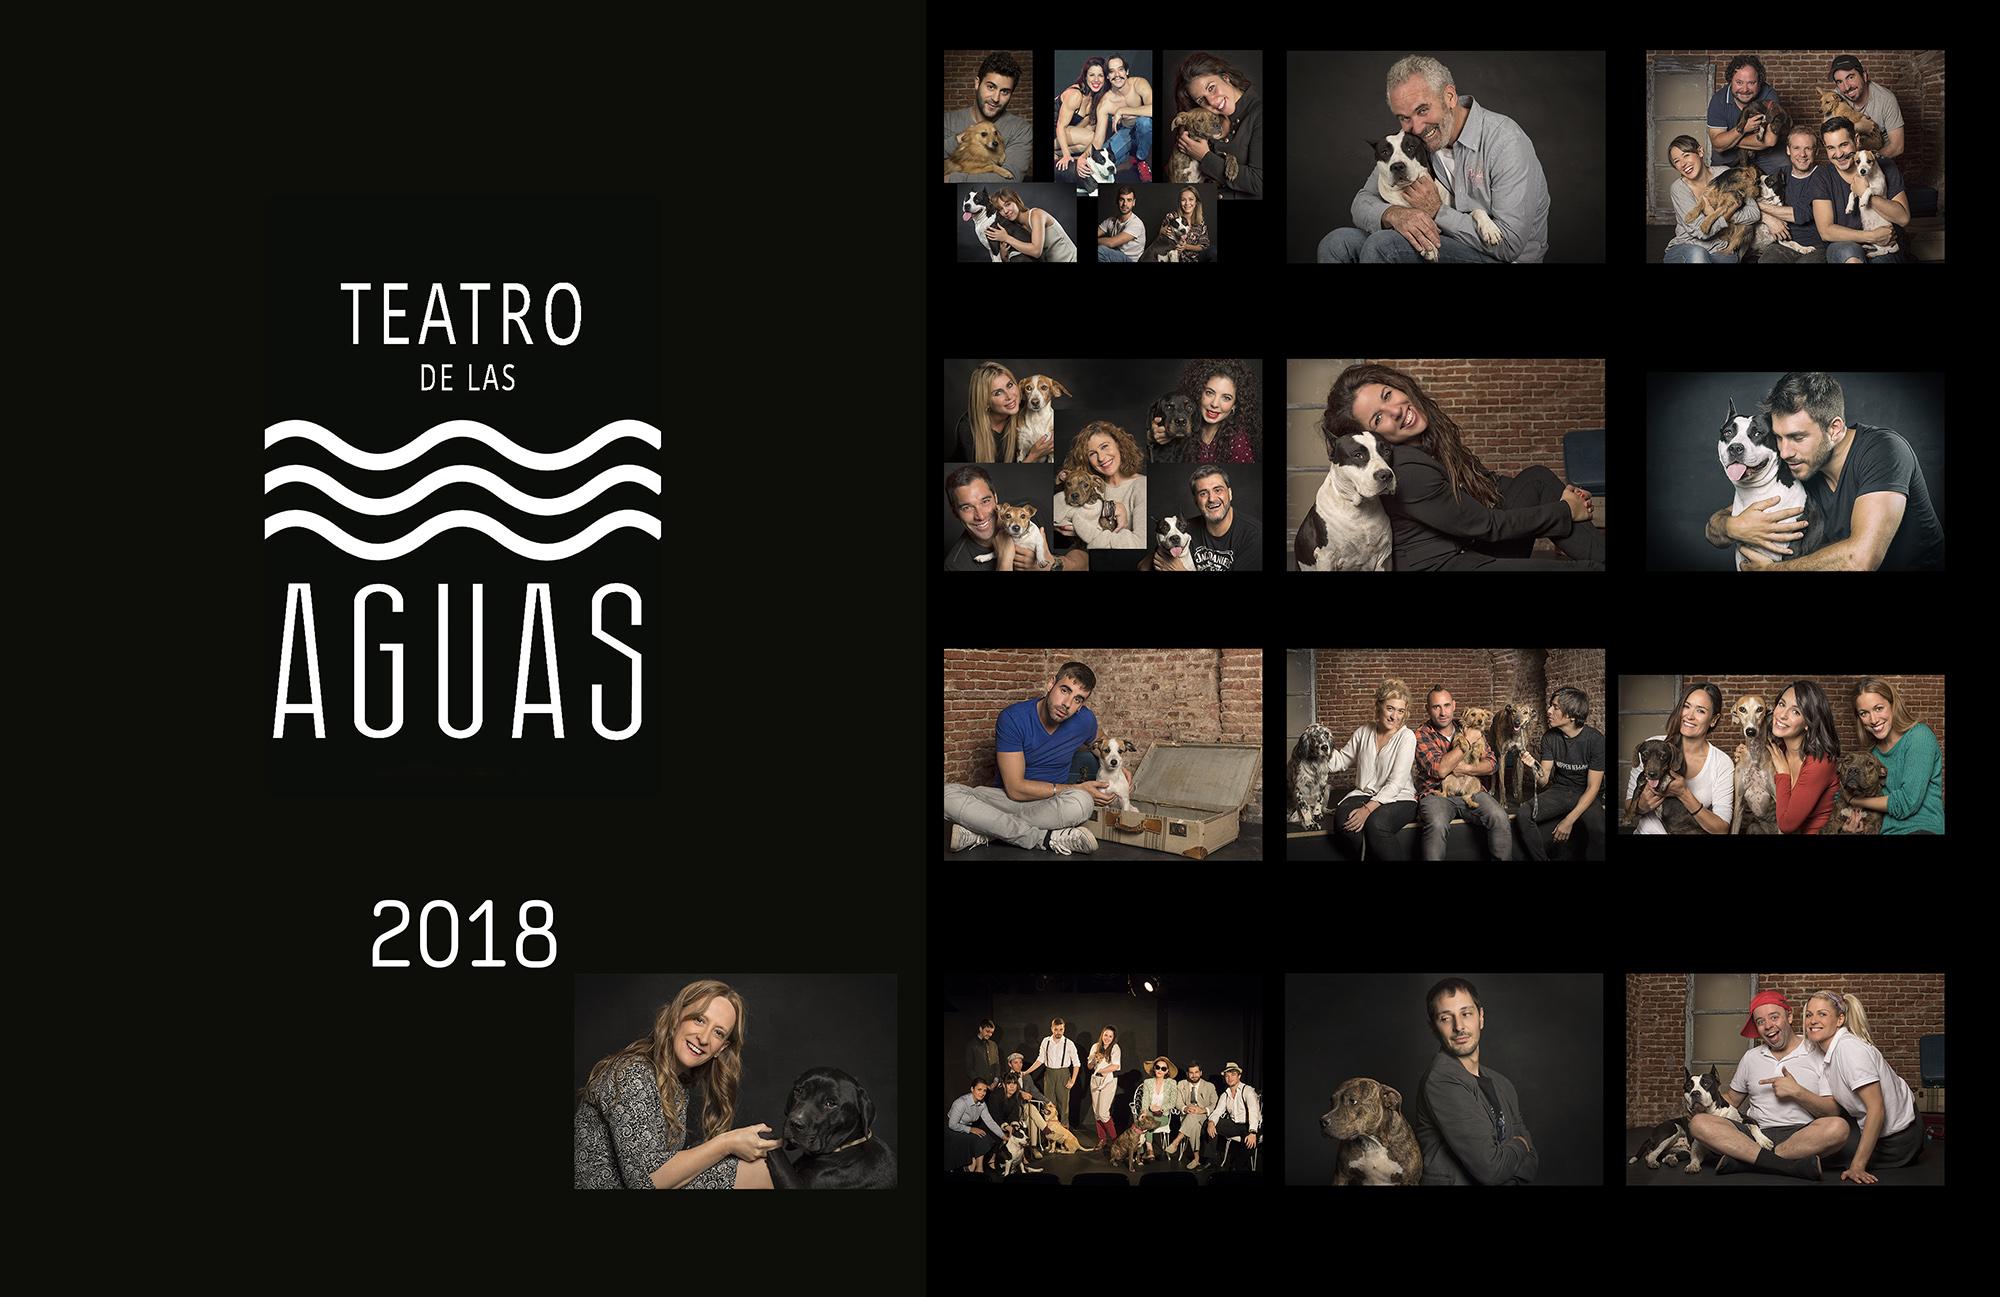 calendario teatro2018_portada y fotos